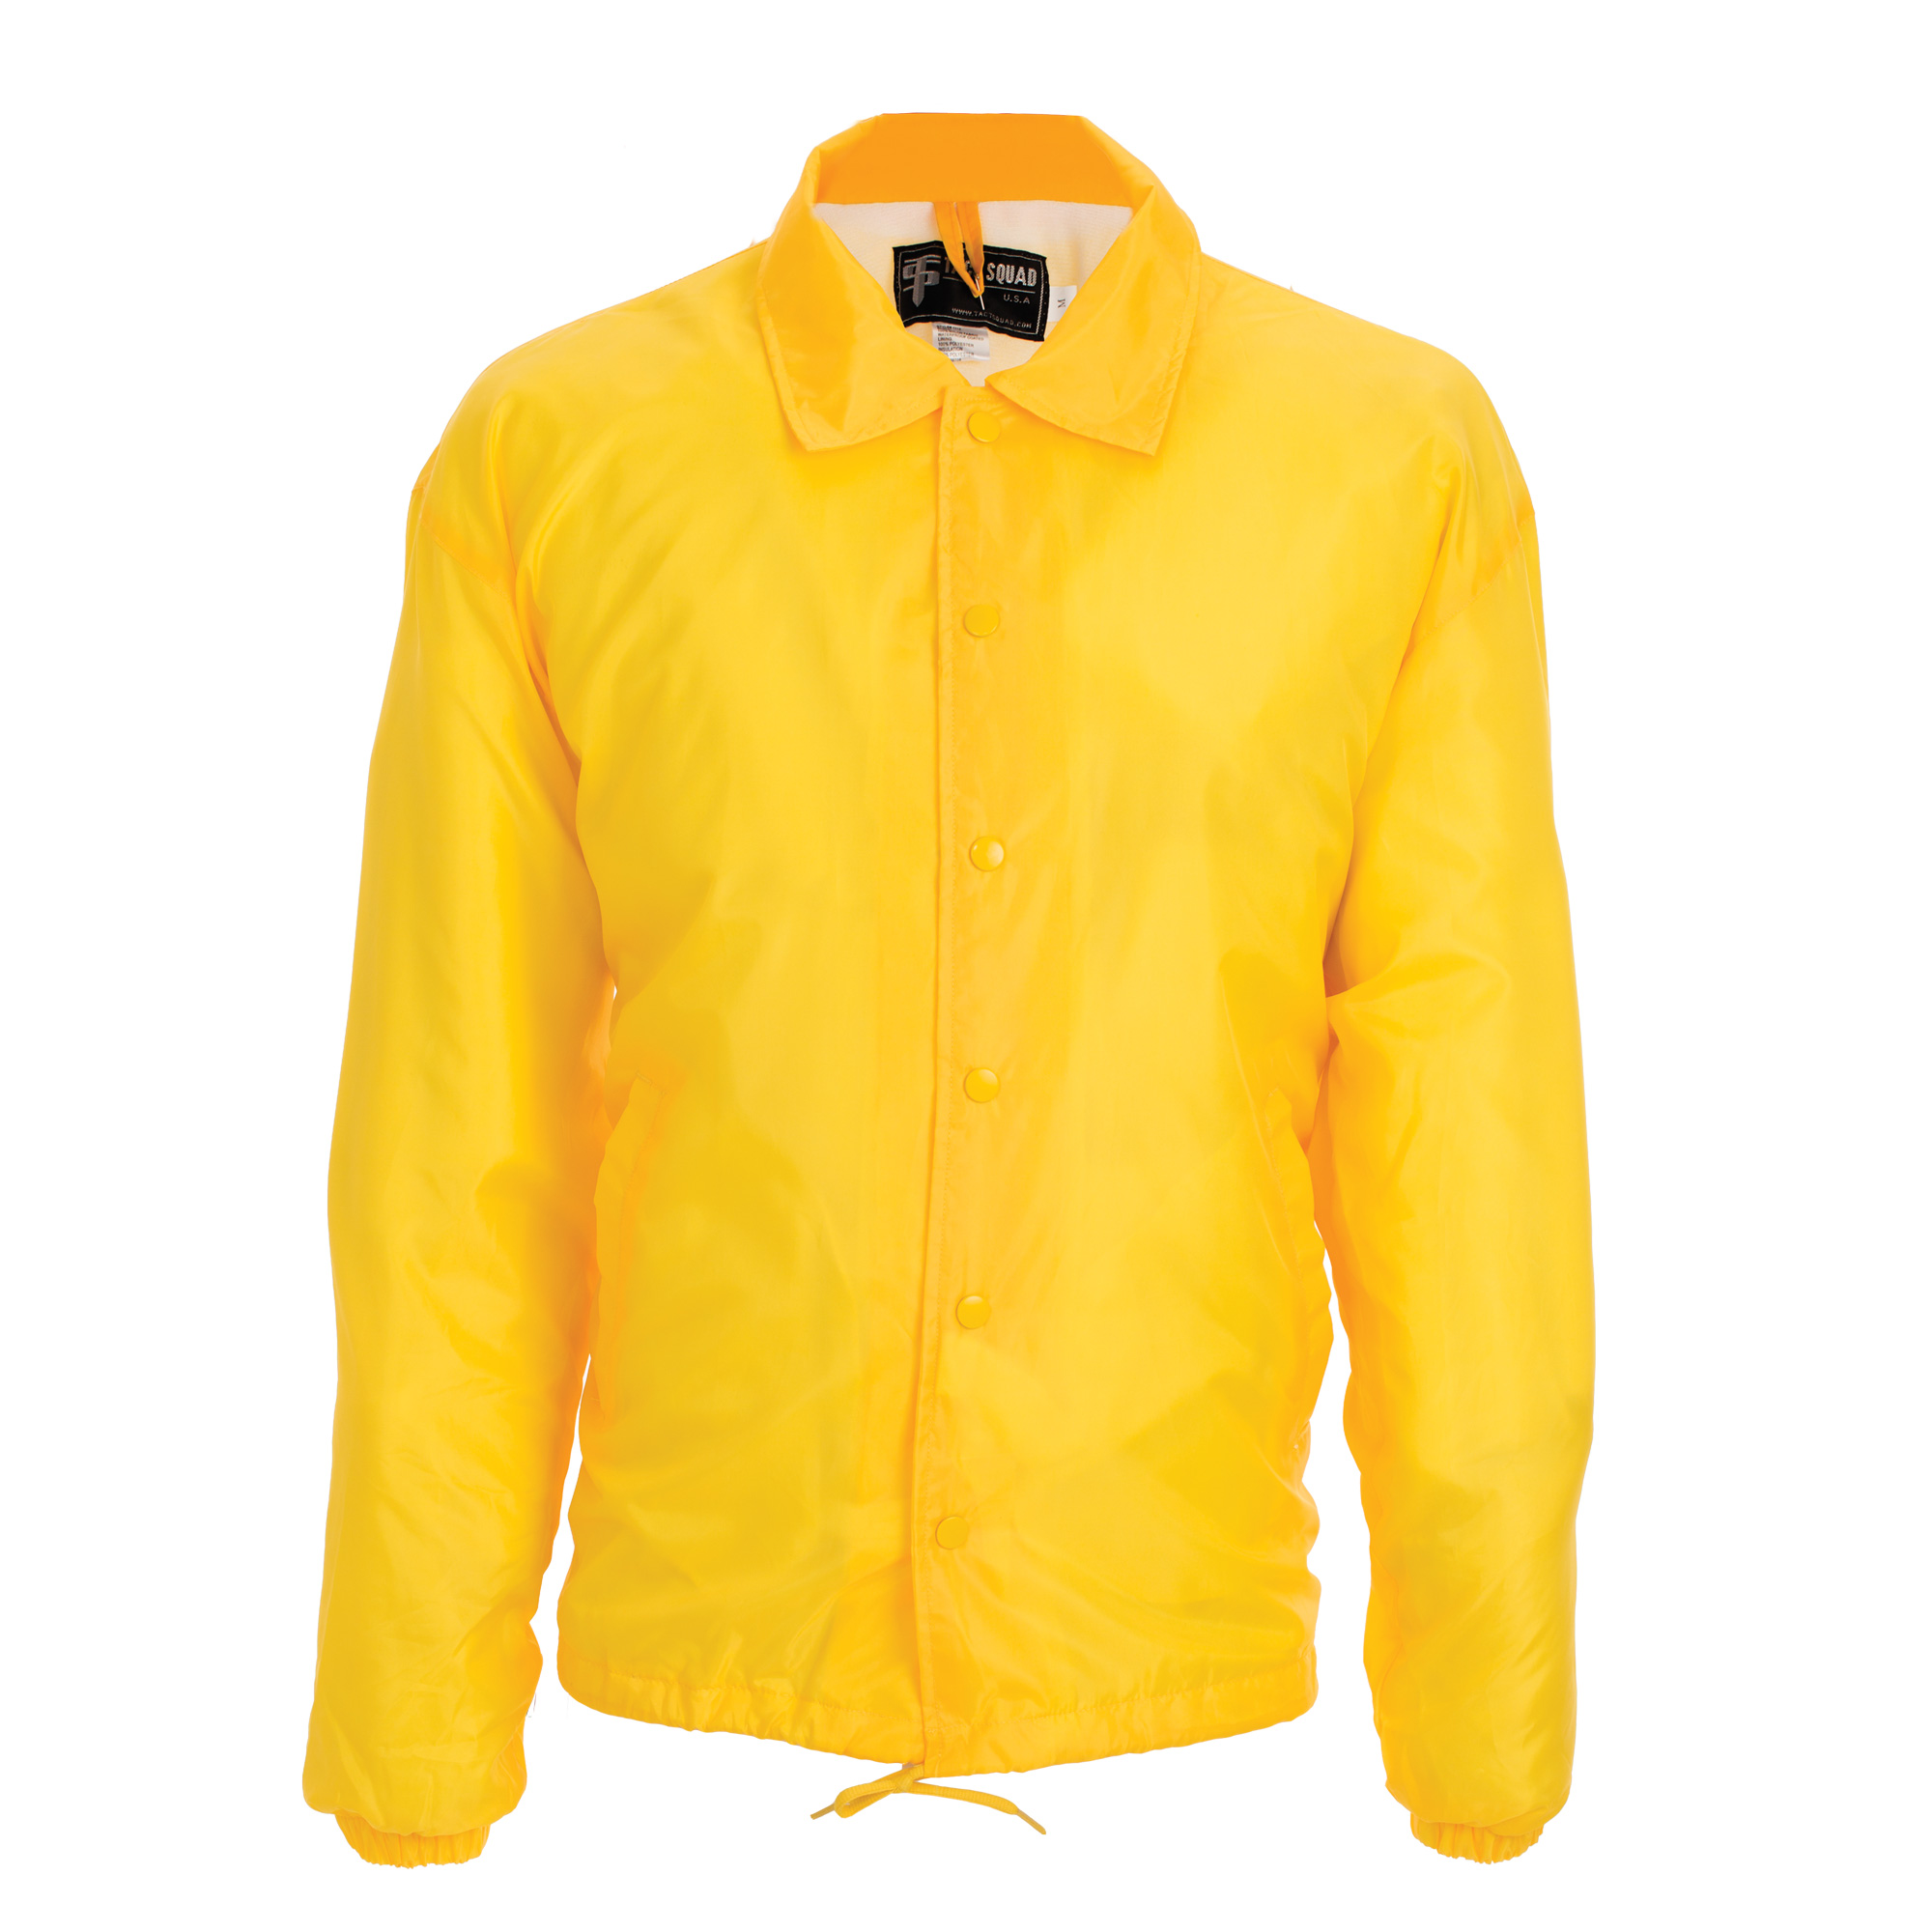 1111 Yellow